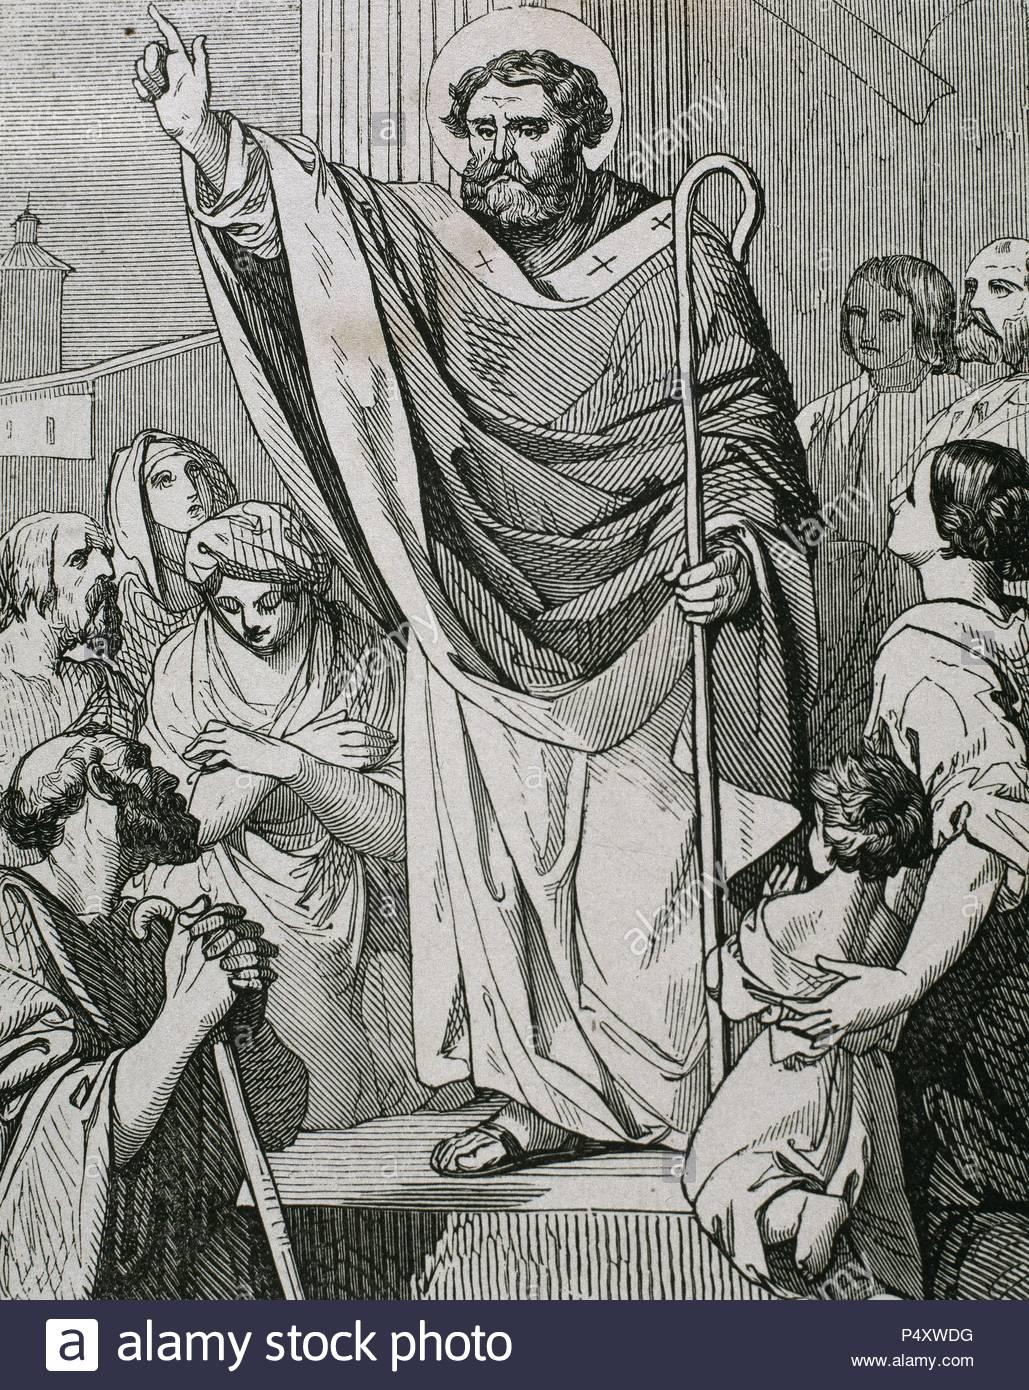 SAN PRUDENCIO GALINDO (? -861). Prelado y teólogo español. Huyó a Francia en el año 827, con la invasión musulmana de la península. Fue consejero y capellán de Ludovico Pío y Carlos el Cavo, y Obispo de Troyes desde el 848. S. IX. Grabado. - Stock Image